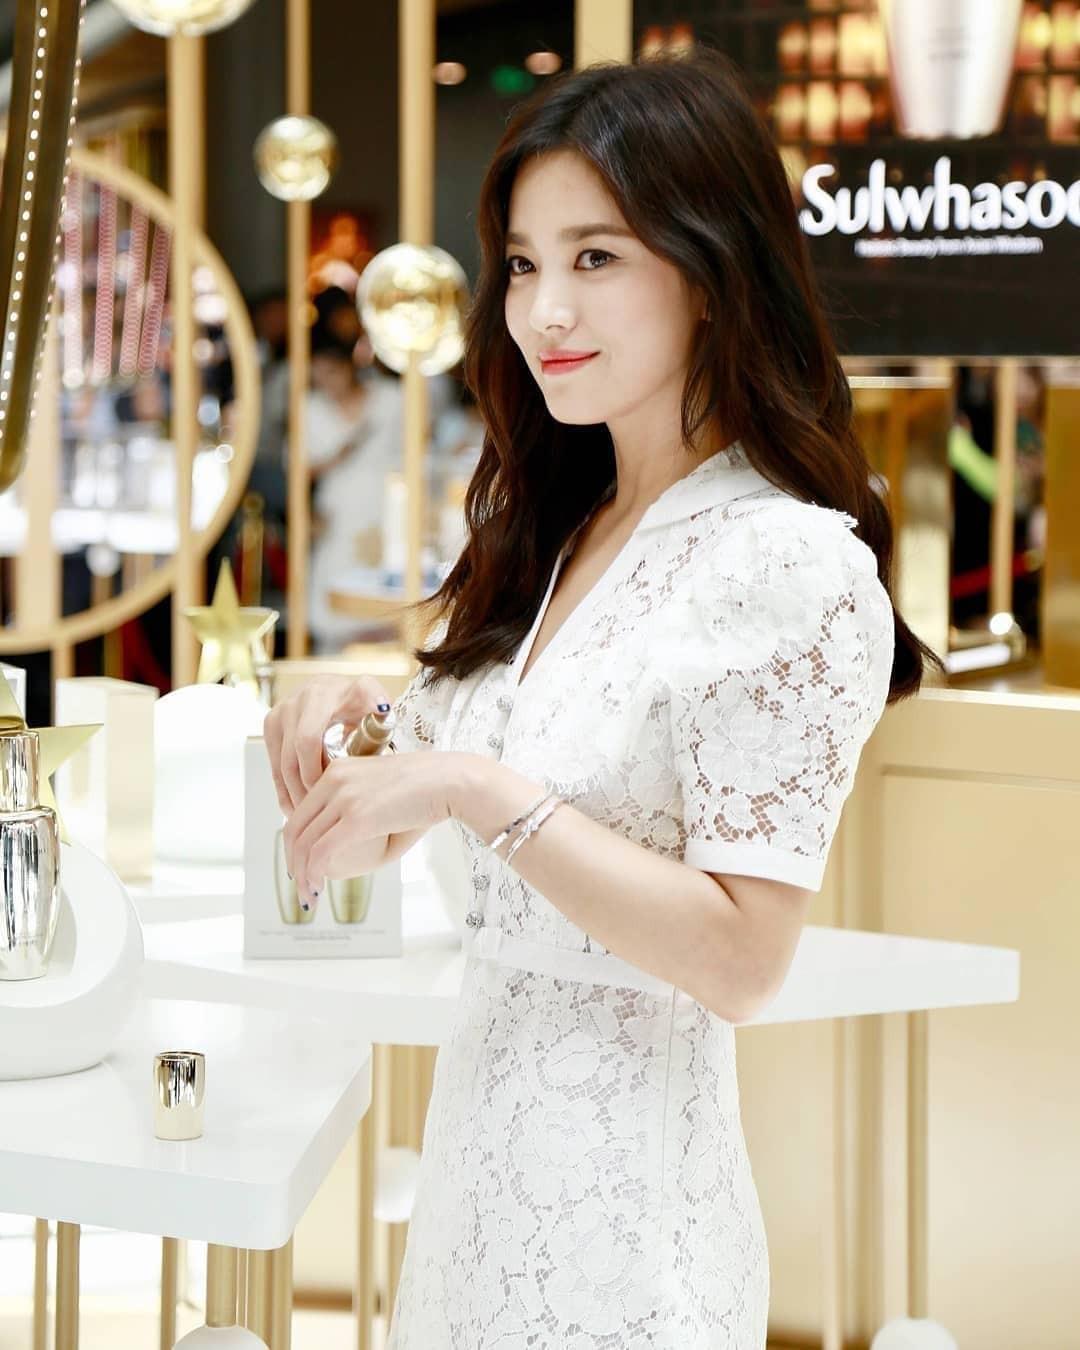 Clip đưa Song Hye Kyo lên top 1 tin hot nhất Hàn: Nhờ 1 câu nói của fan, mỹ nhân nở nụ cười đầu tiên giữa bão ly hôn-5